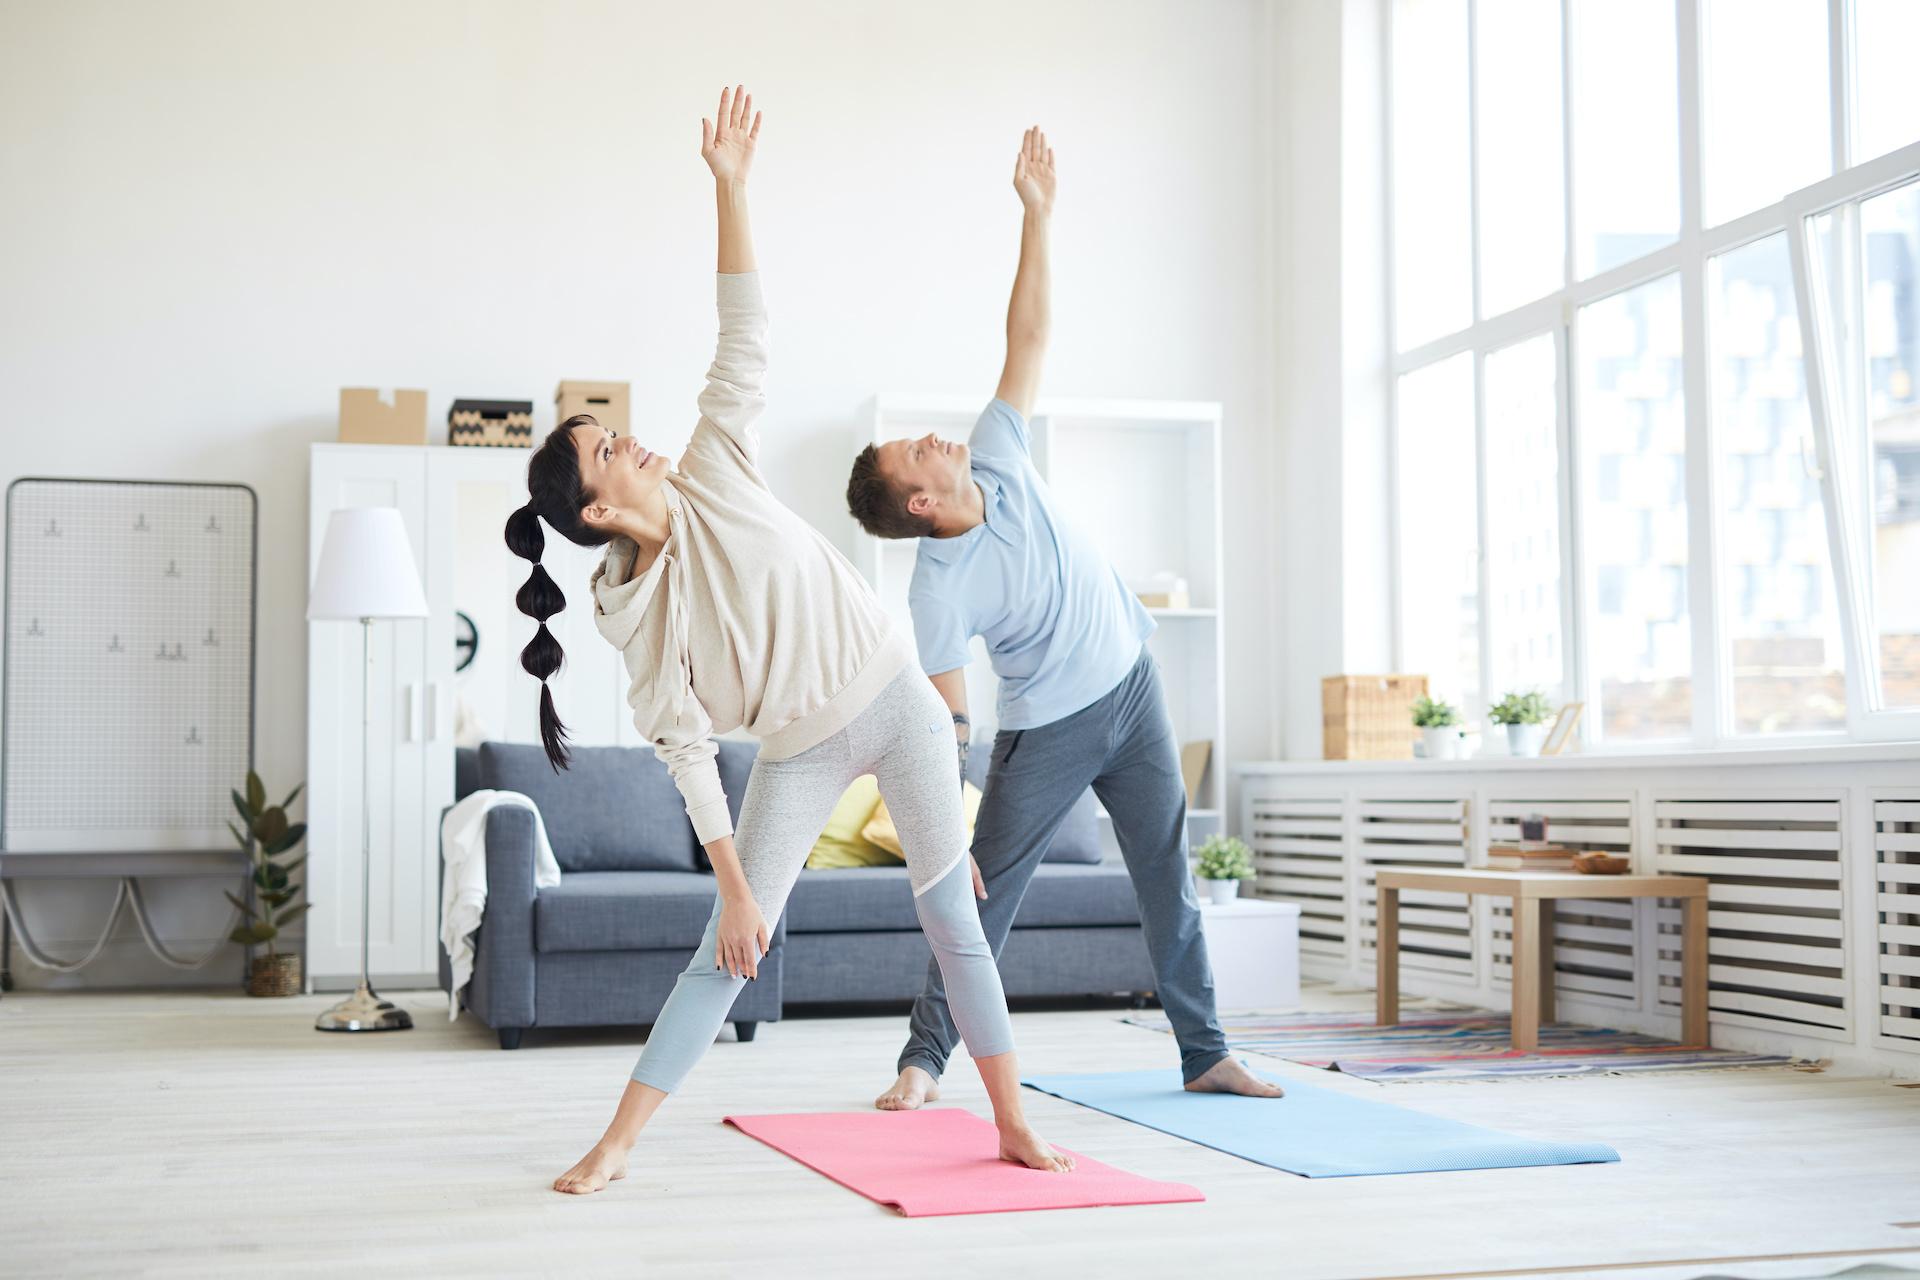 Una mujer y un hombre realizan actividad física en su casa